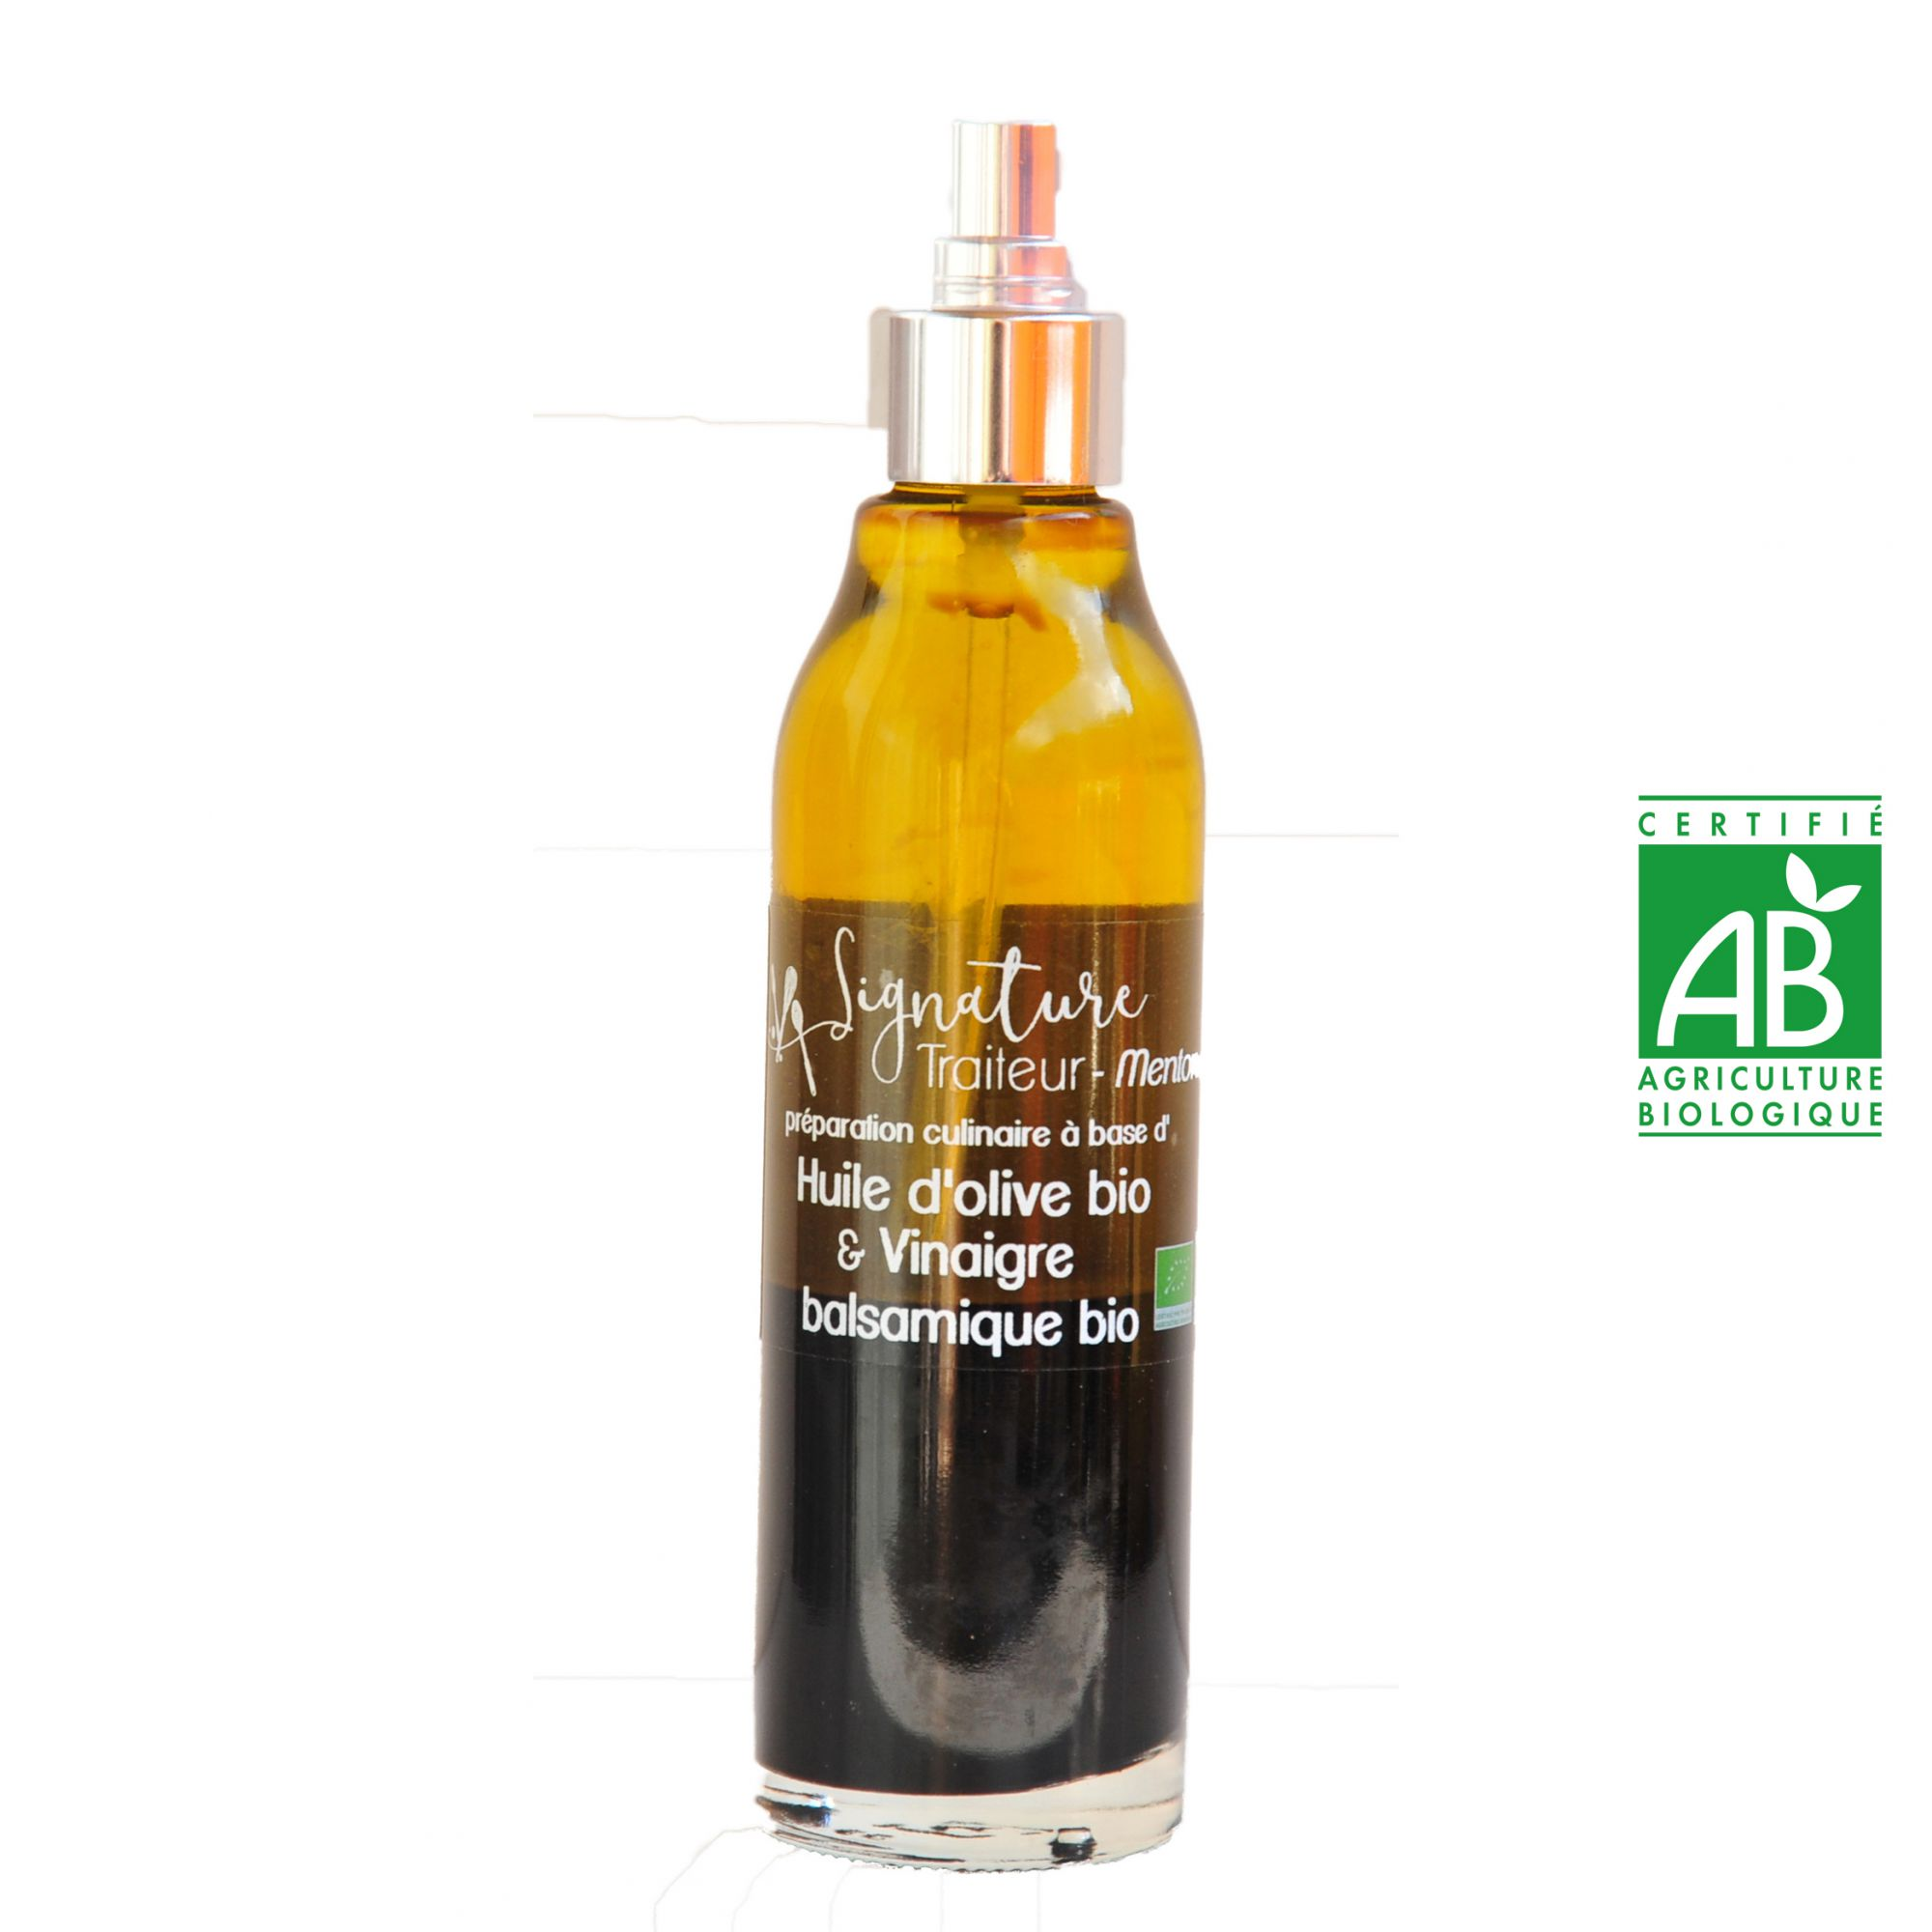 Huile d'olive bio et Vinaigre balsamique BIOHuile d'olive bio et Vinaigre balsamique BIO